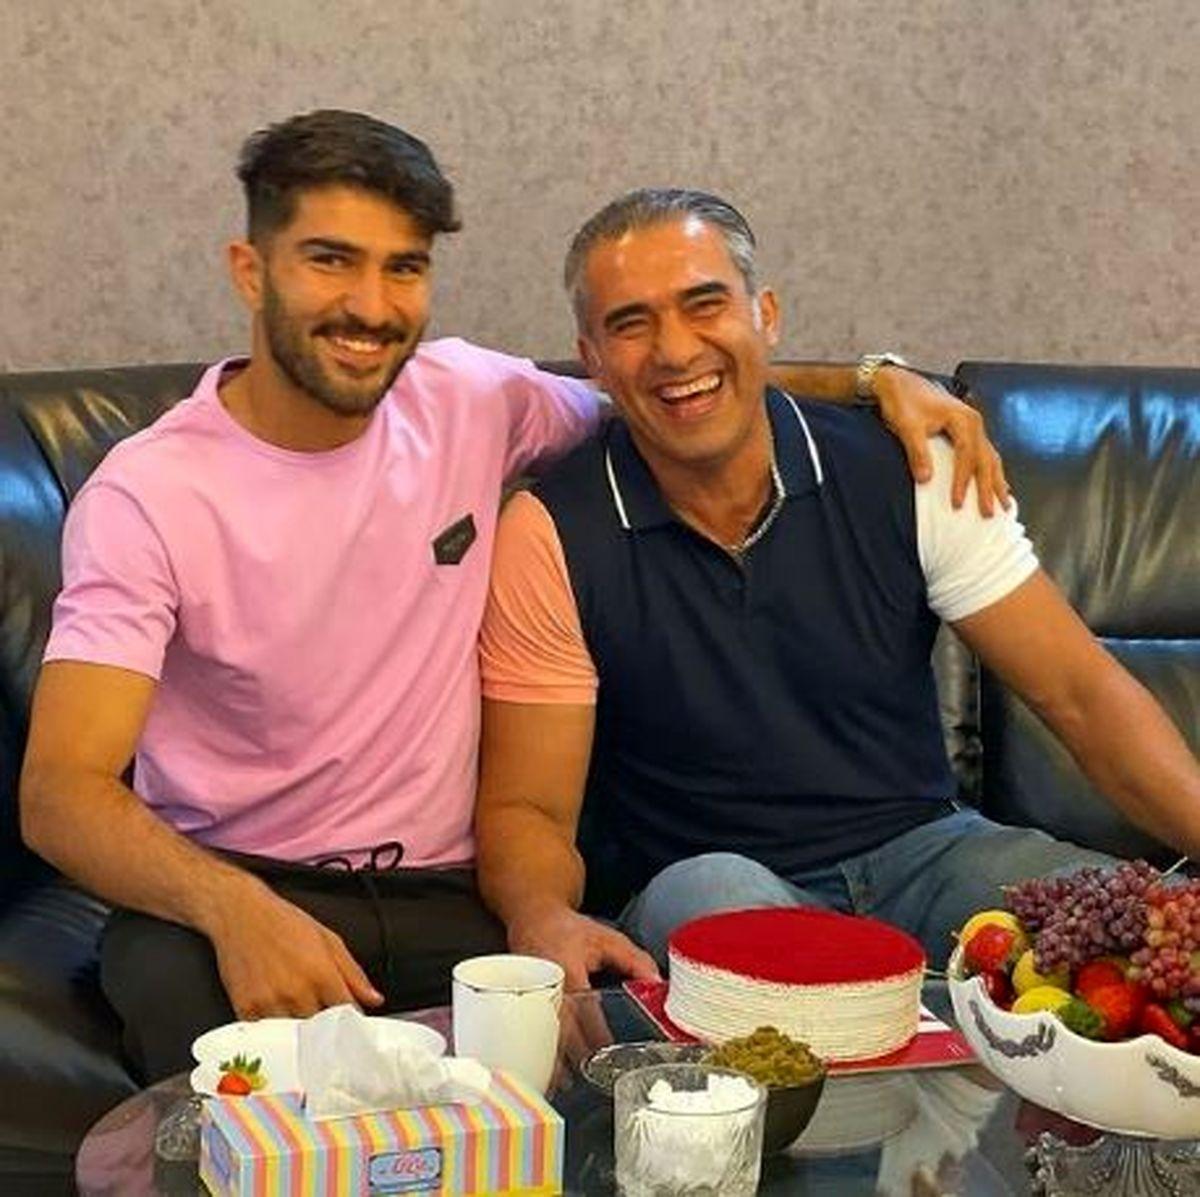 جشن تولد احمدرضا عابدزاده در خانه+عکس